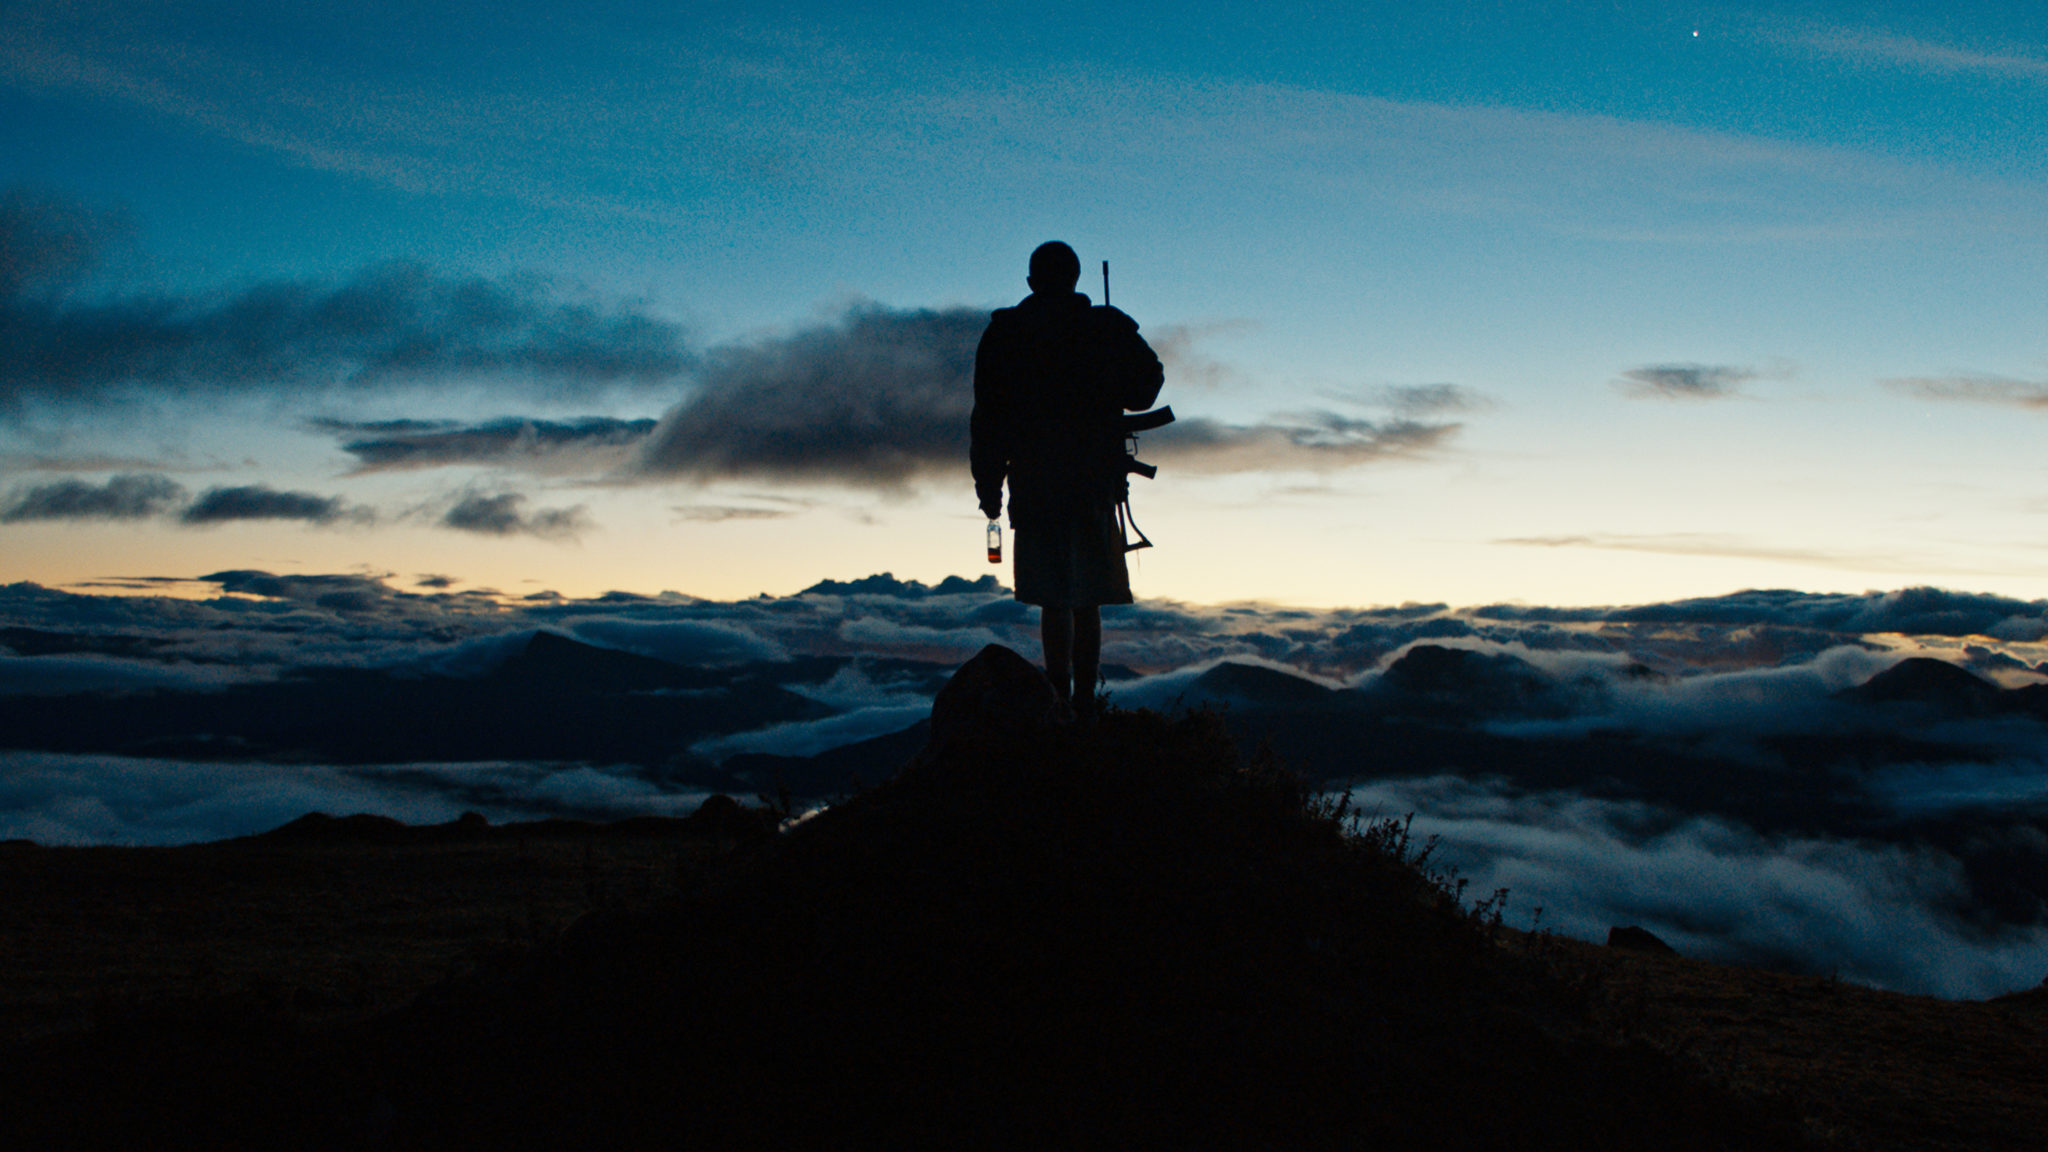 Im Vordergrund sehen wir schemenhaft einen der (Kinder-)Soldaten stehen, Waffe und Schnaps in den Händen. Im Hintergrund erstreckt sich die schöne Berglandschaft bei Sonnenuntergang in Monos - Zwischen Himmel und Hölle.